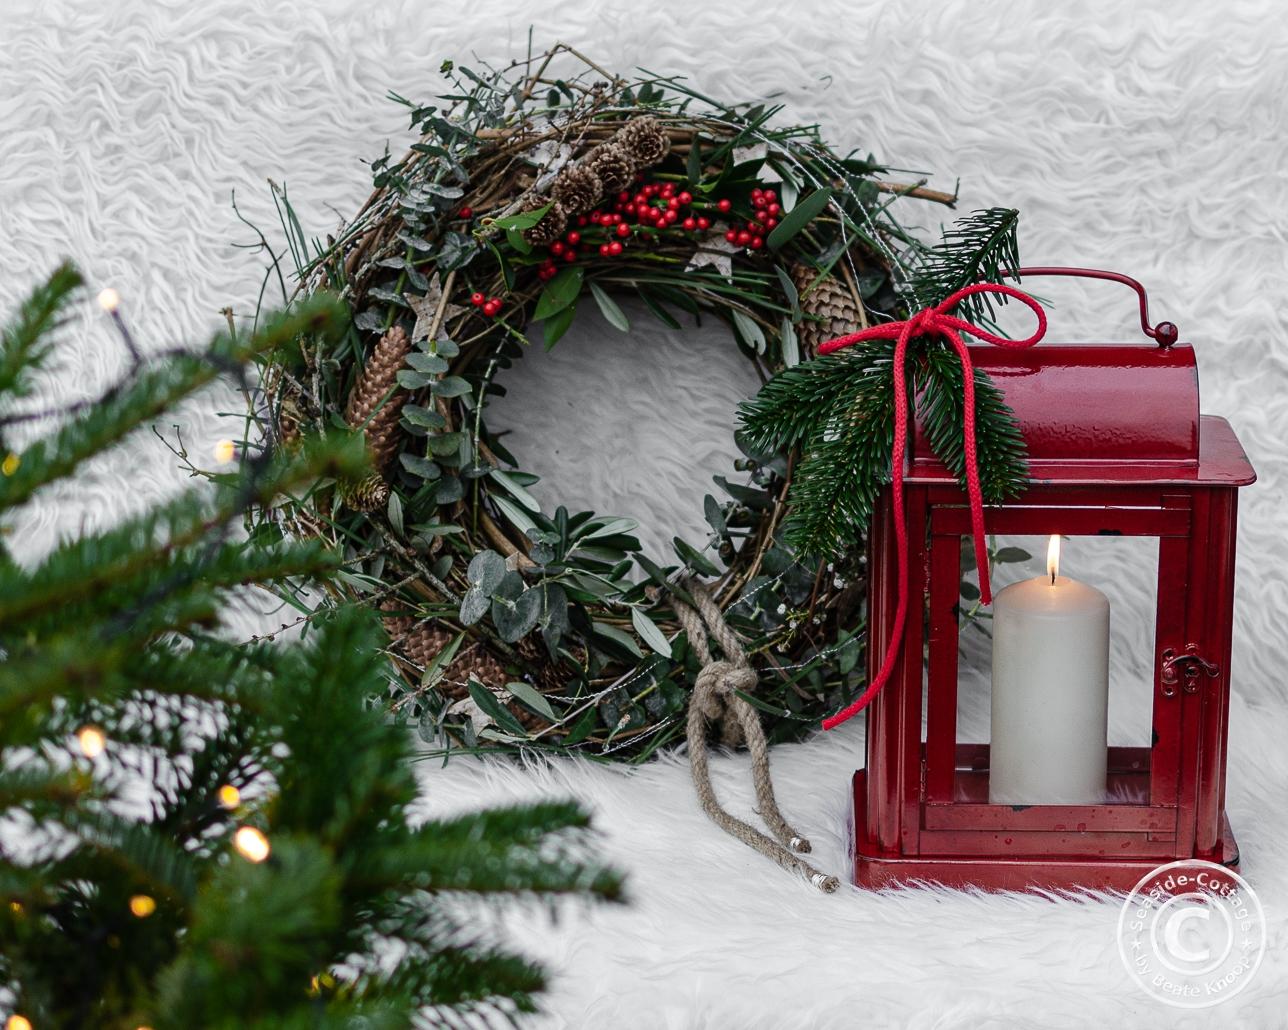 Winterdeko im Garten mit Kranz und Laterne